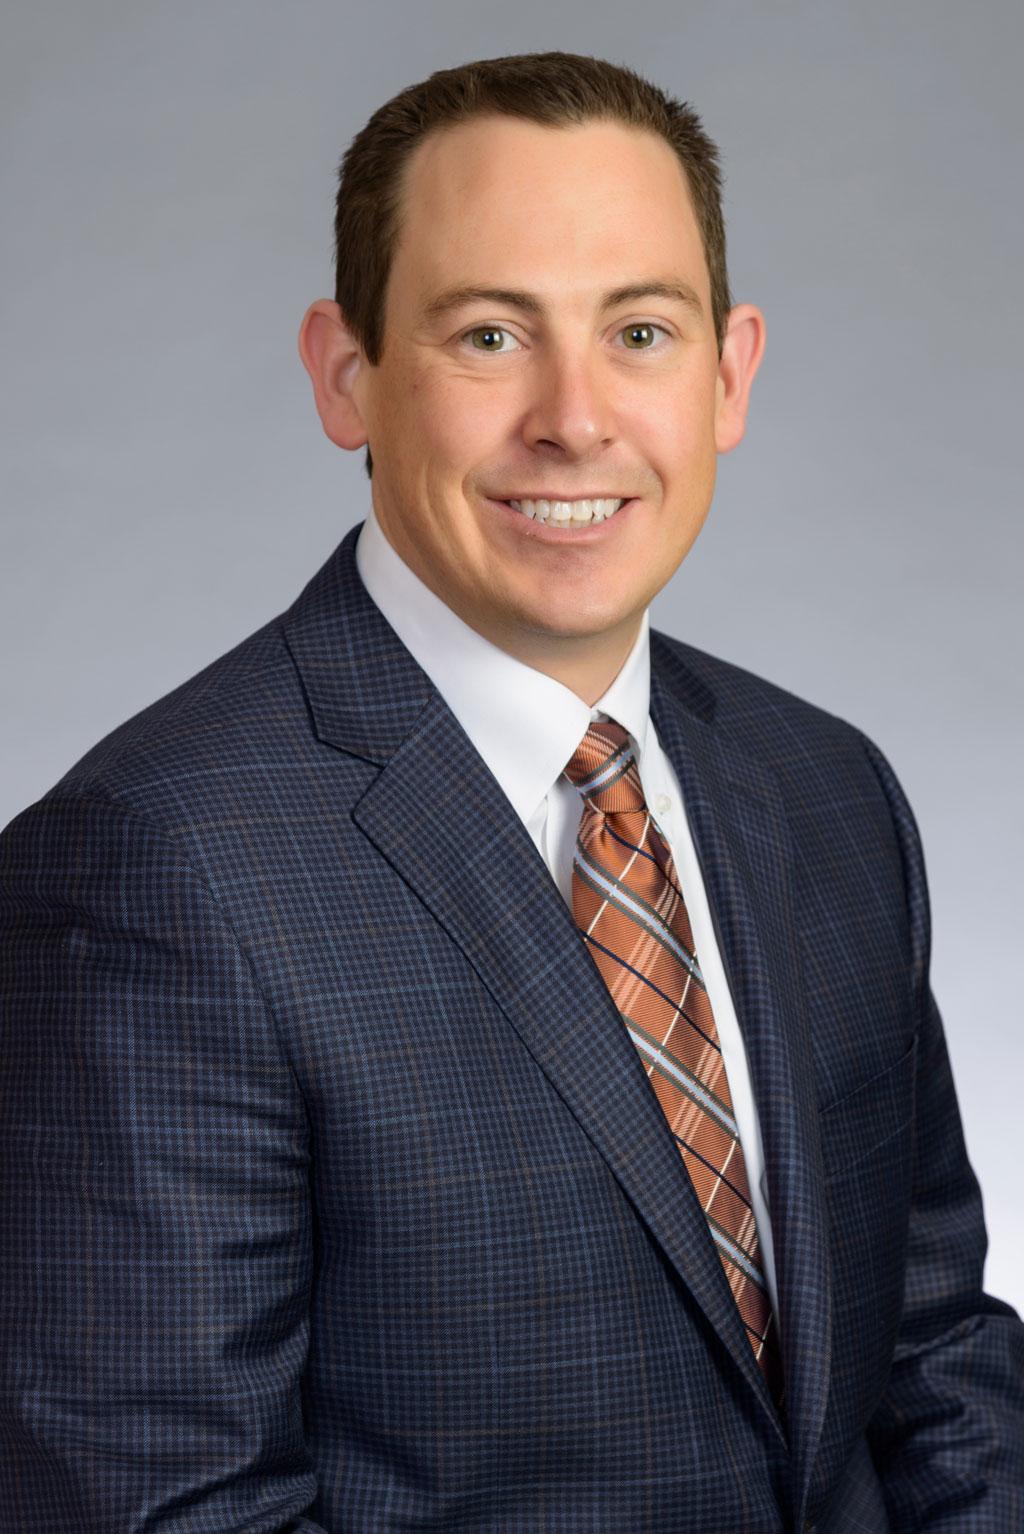 Jonathon R Geisinger, MD